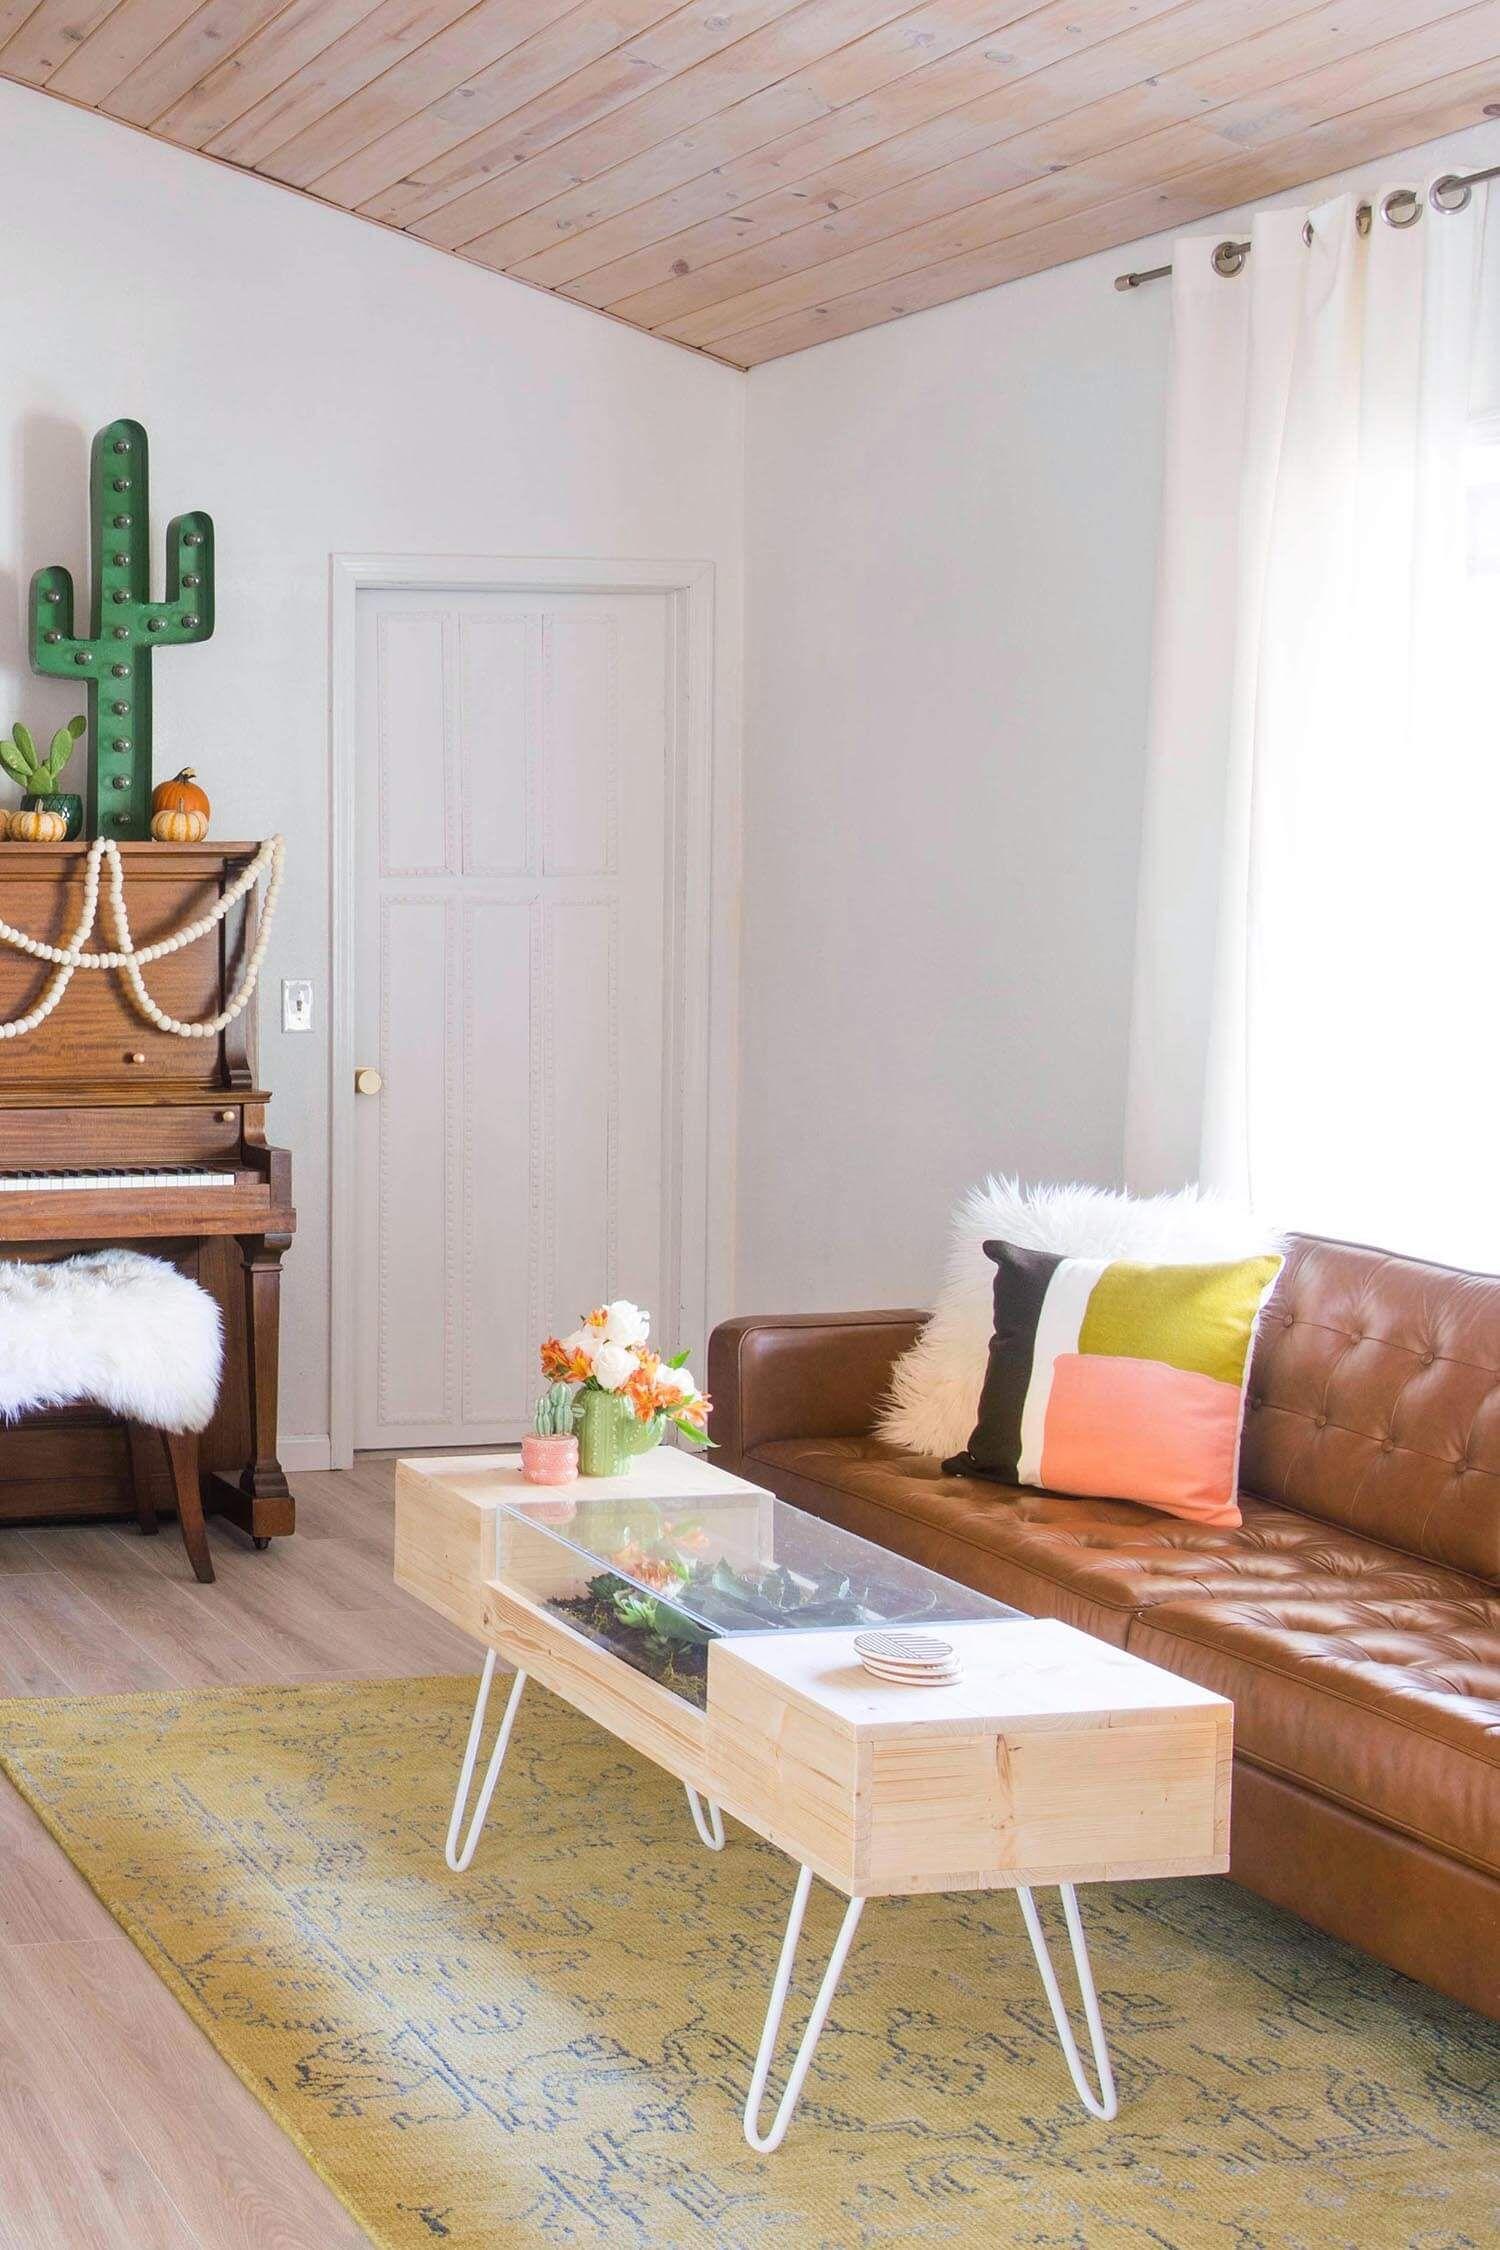 Fantastisch So Unglaublich Toll ❤ Couchtisch Mit Terrarium L Nach Lust Und Laune  Dekorieren L Möbel Aus